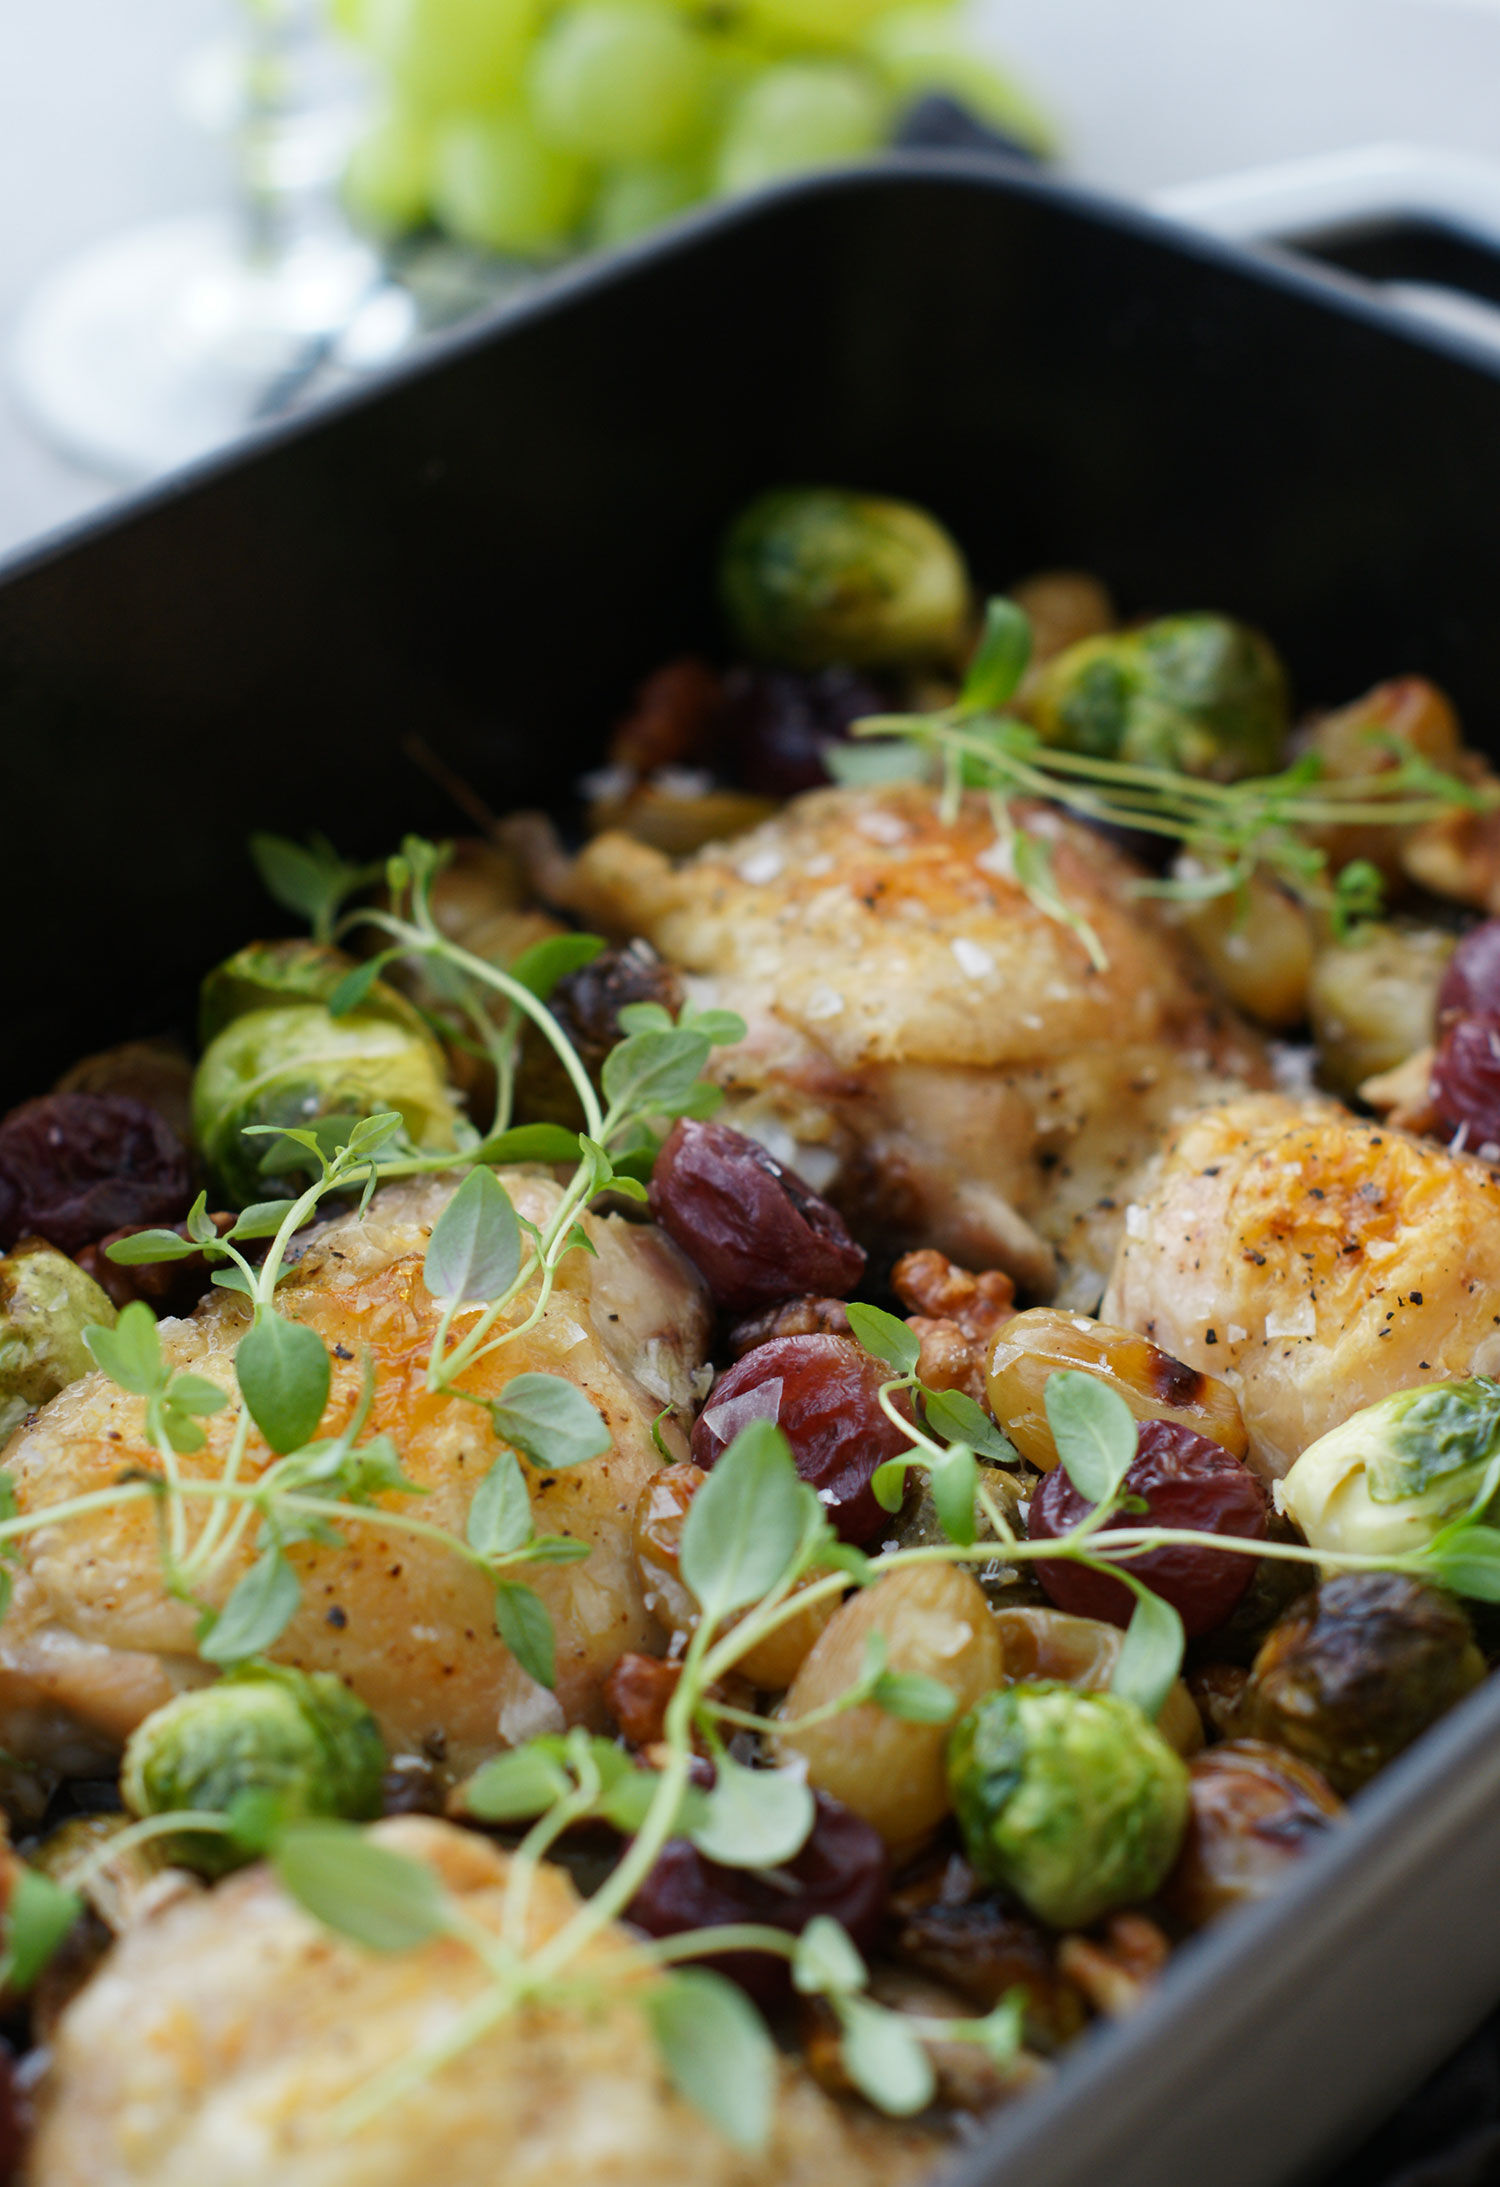 Allt-i-ett ugnsbakat kycklinglår med brysselkål, druvor och valnötter i ugnsform